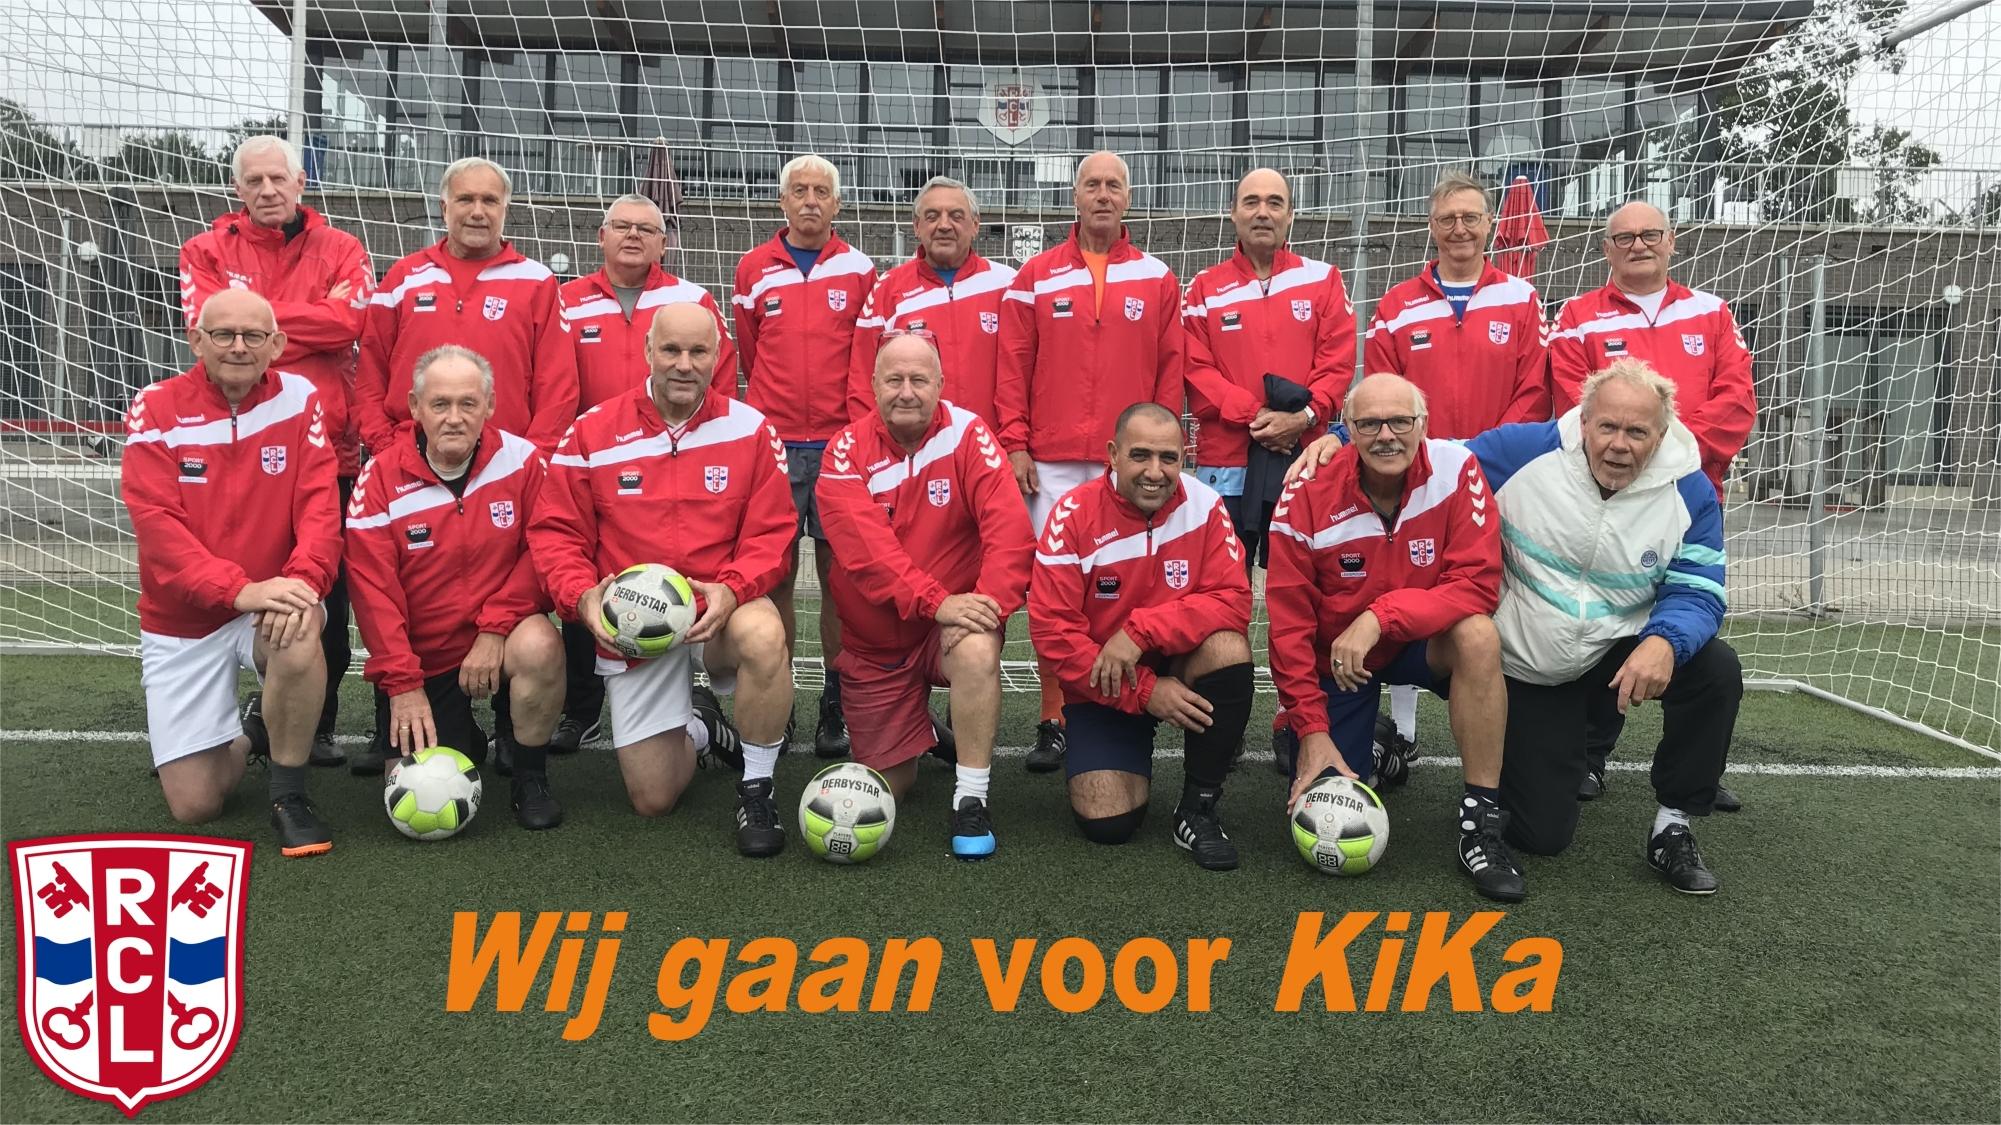 Walking Football voor KiKa - 11 september!